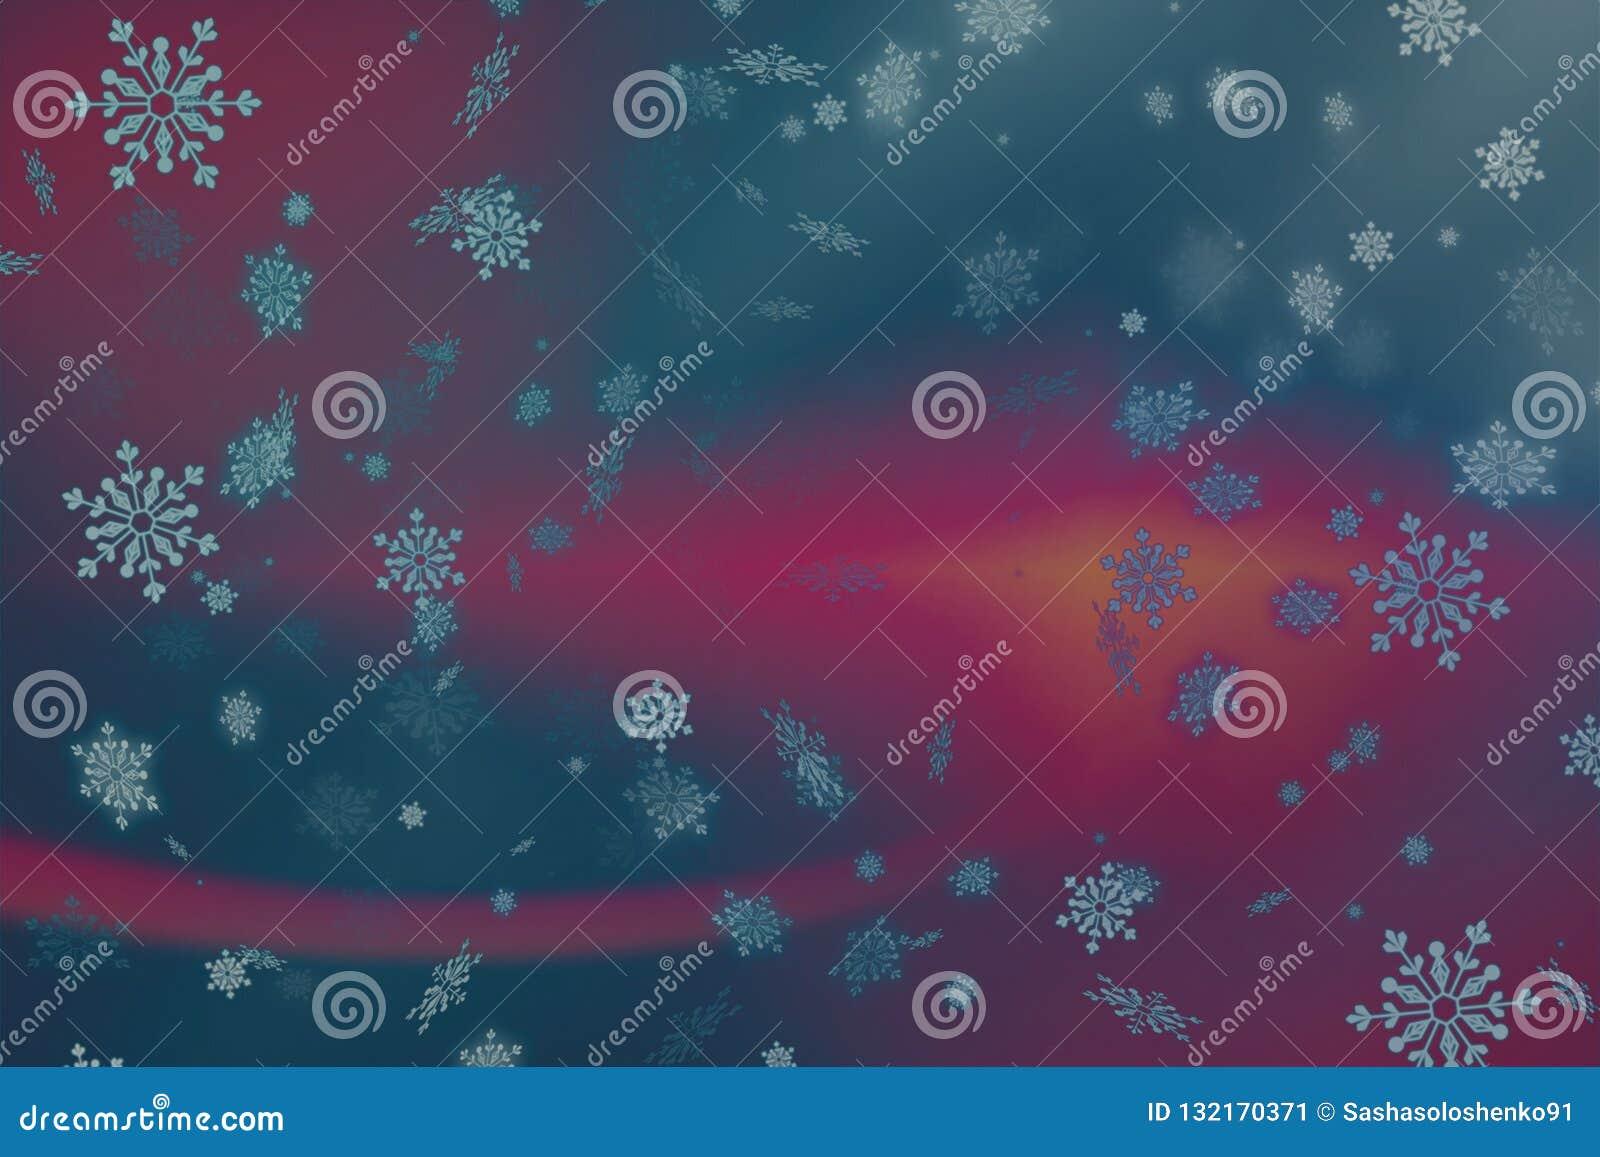 抽象桃红色和紫色圣诞节背景与雪和雪花